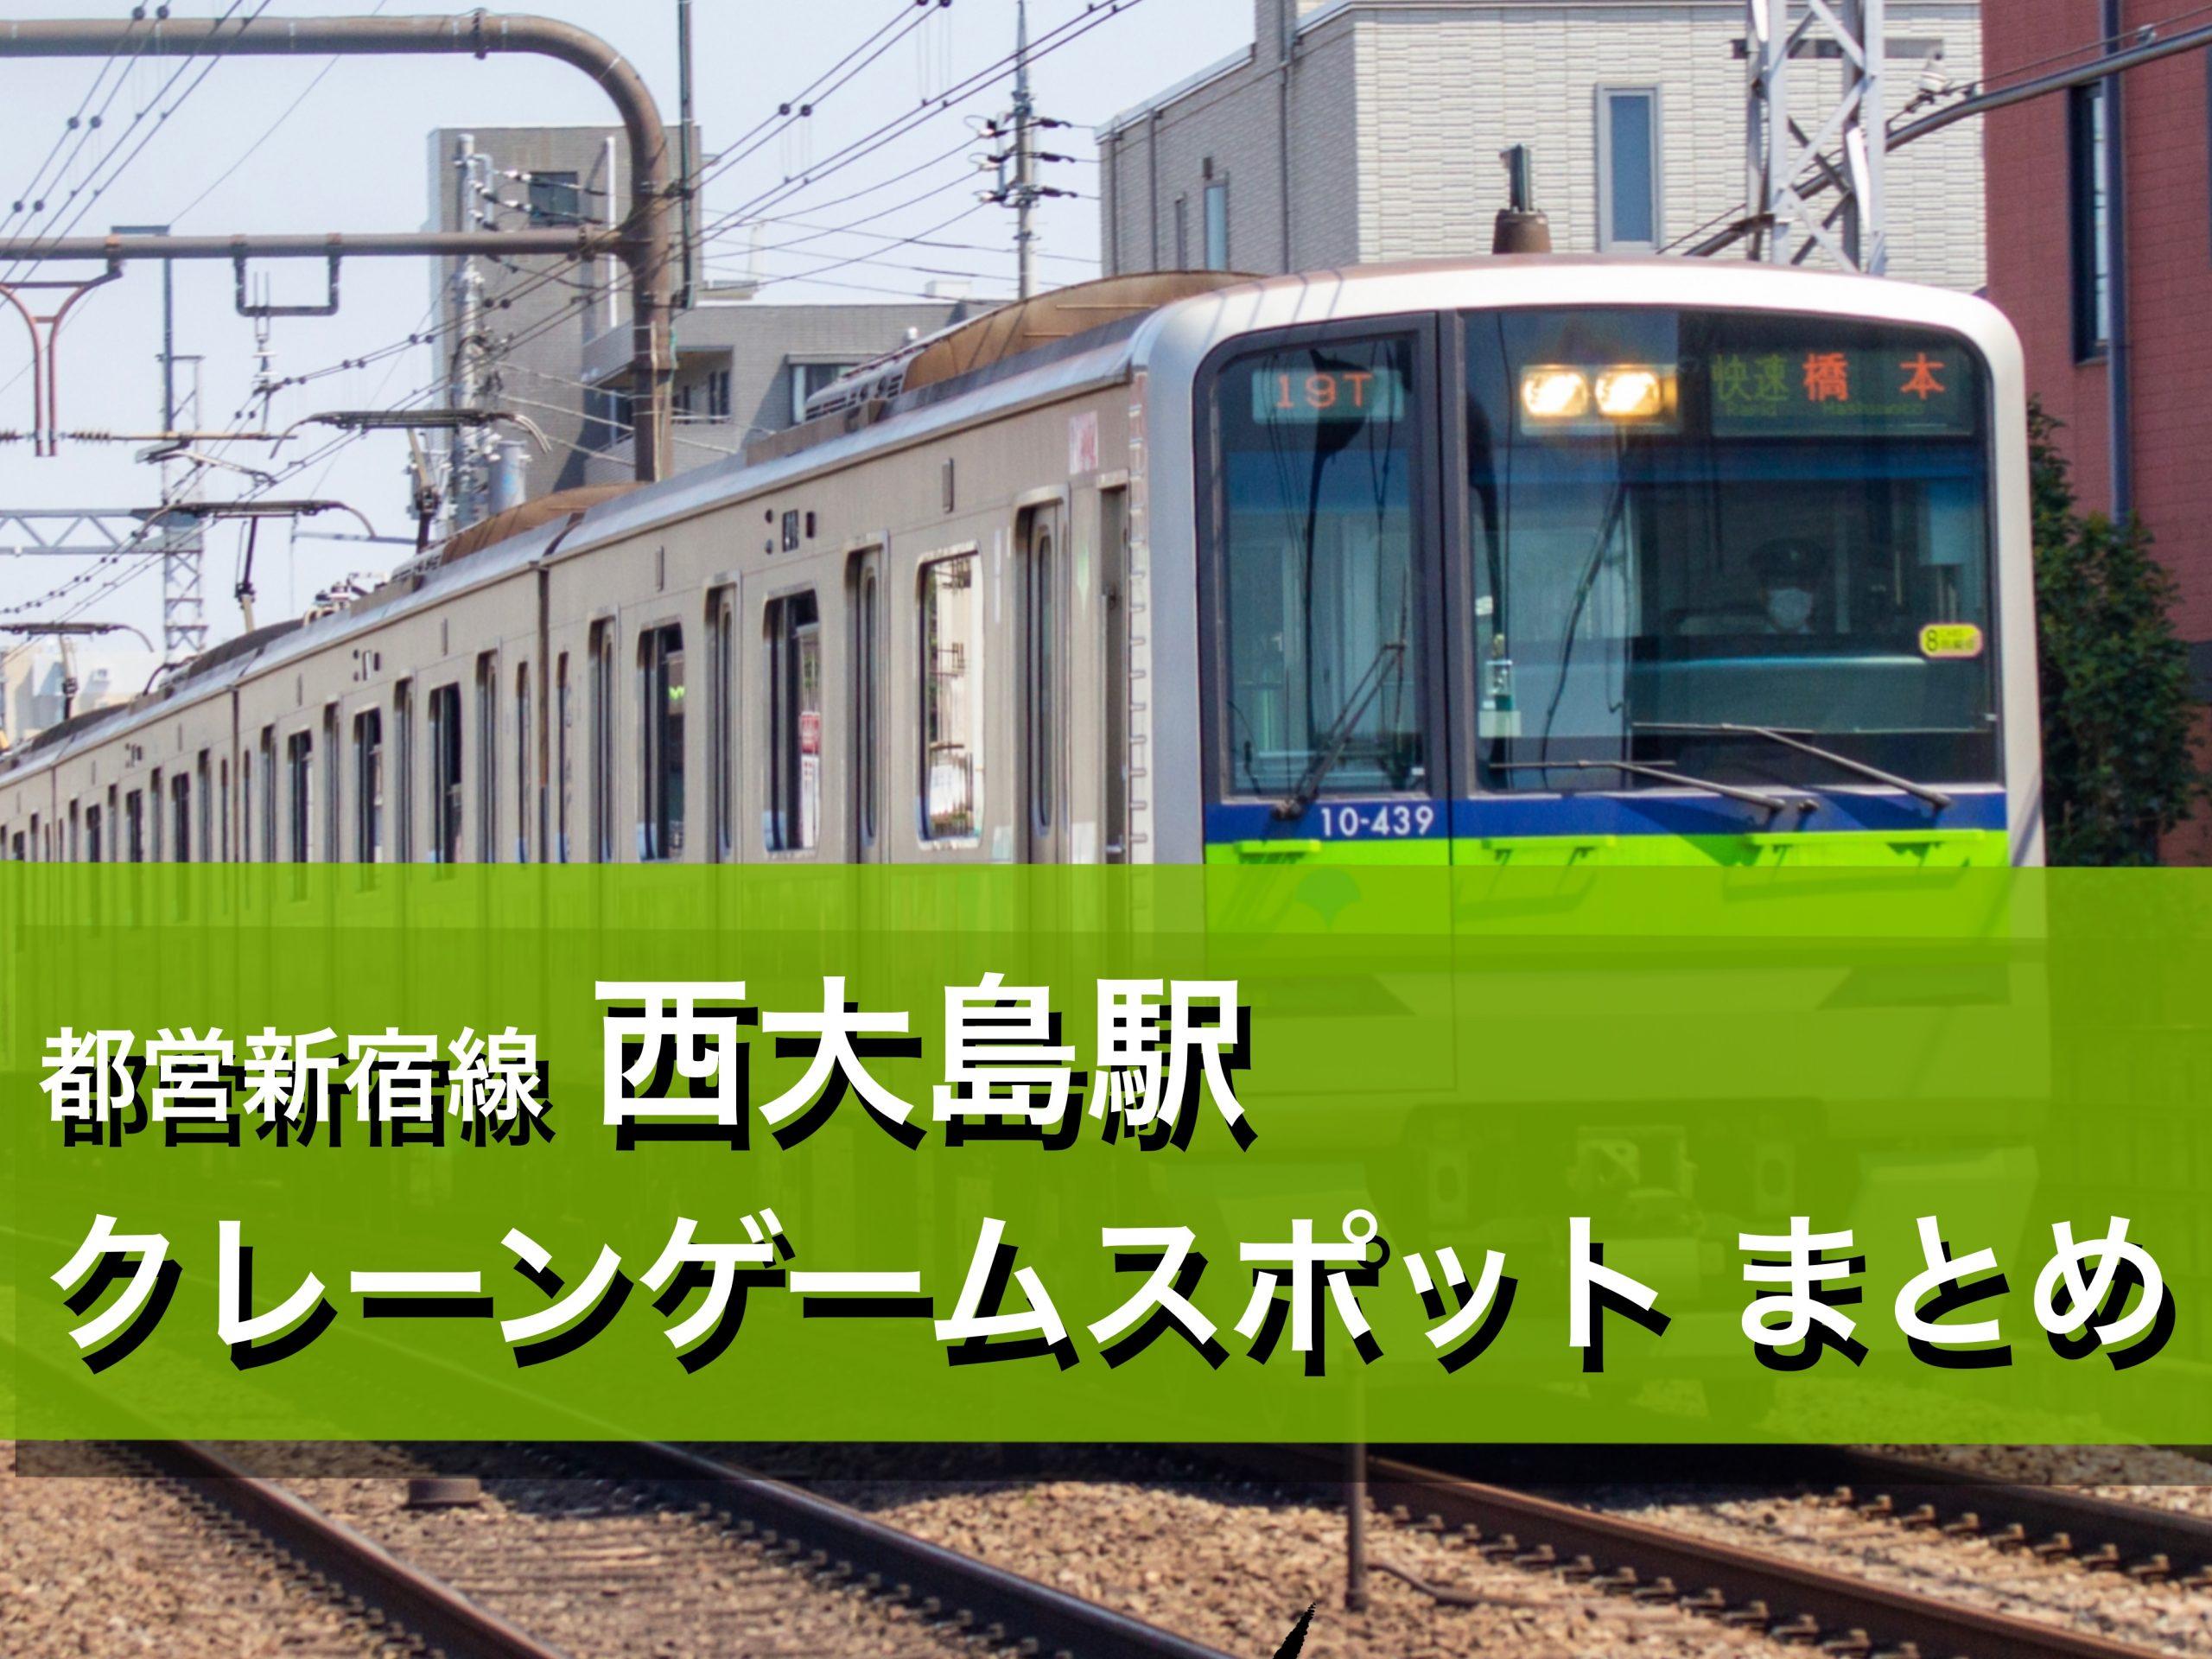 【西大島駅】クレーンゲームができる場所